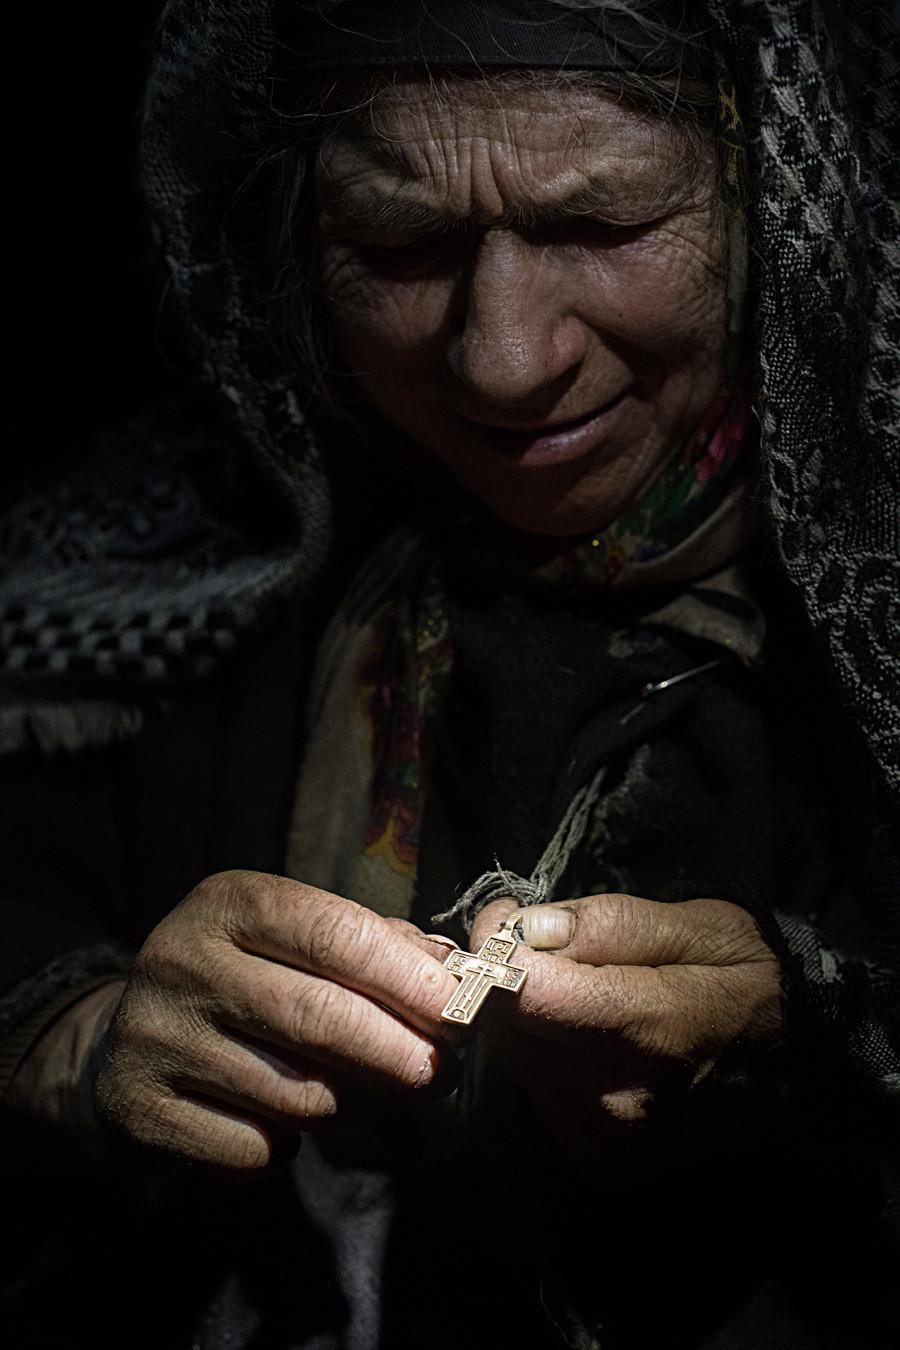 Агафья Лыкова отшельница: где берет деньги, зачем старушка живет в тайге, причины